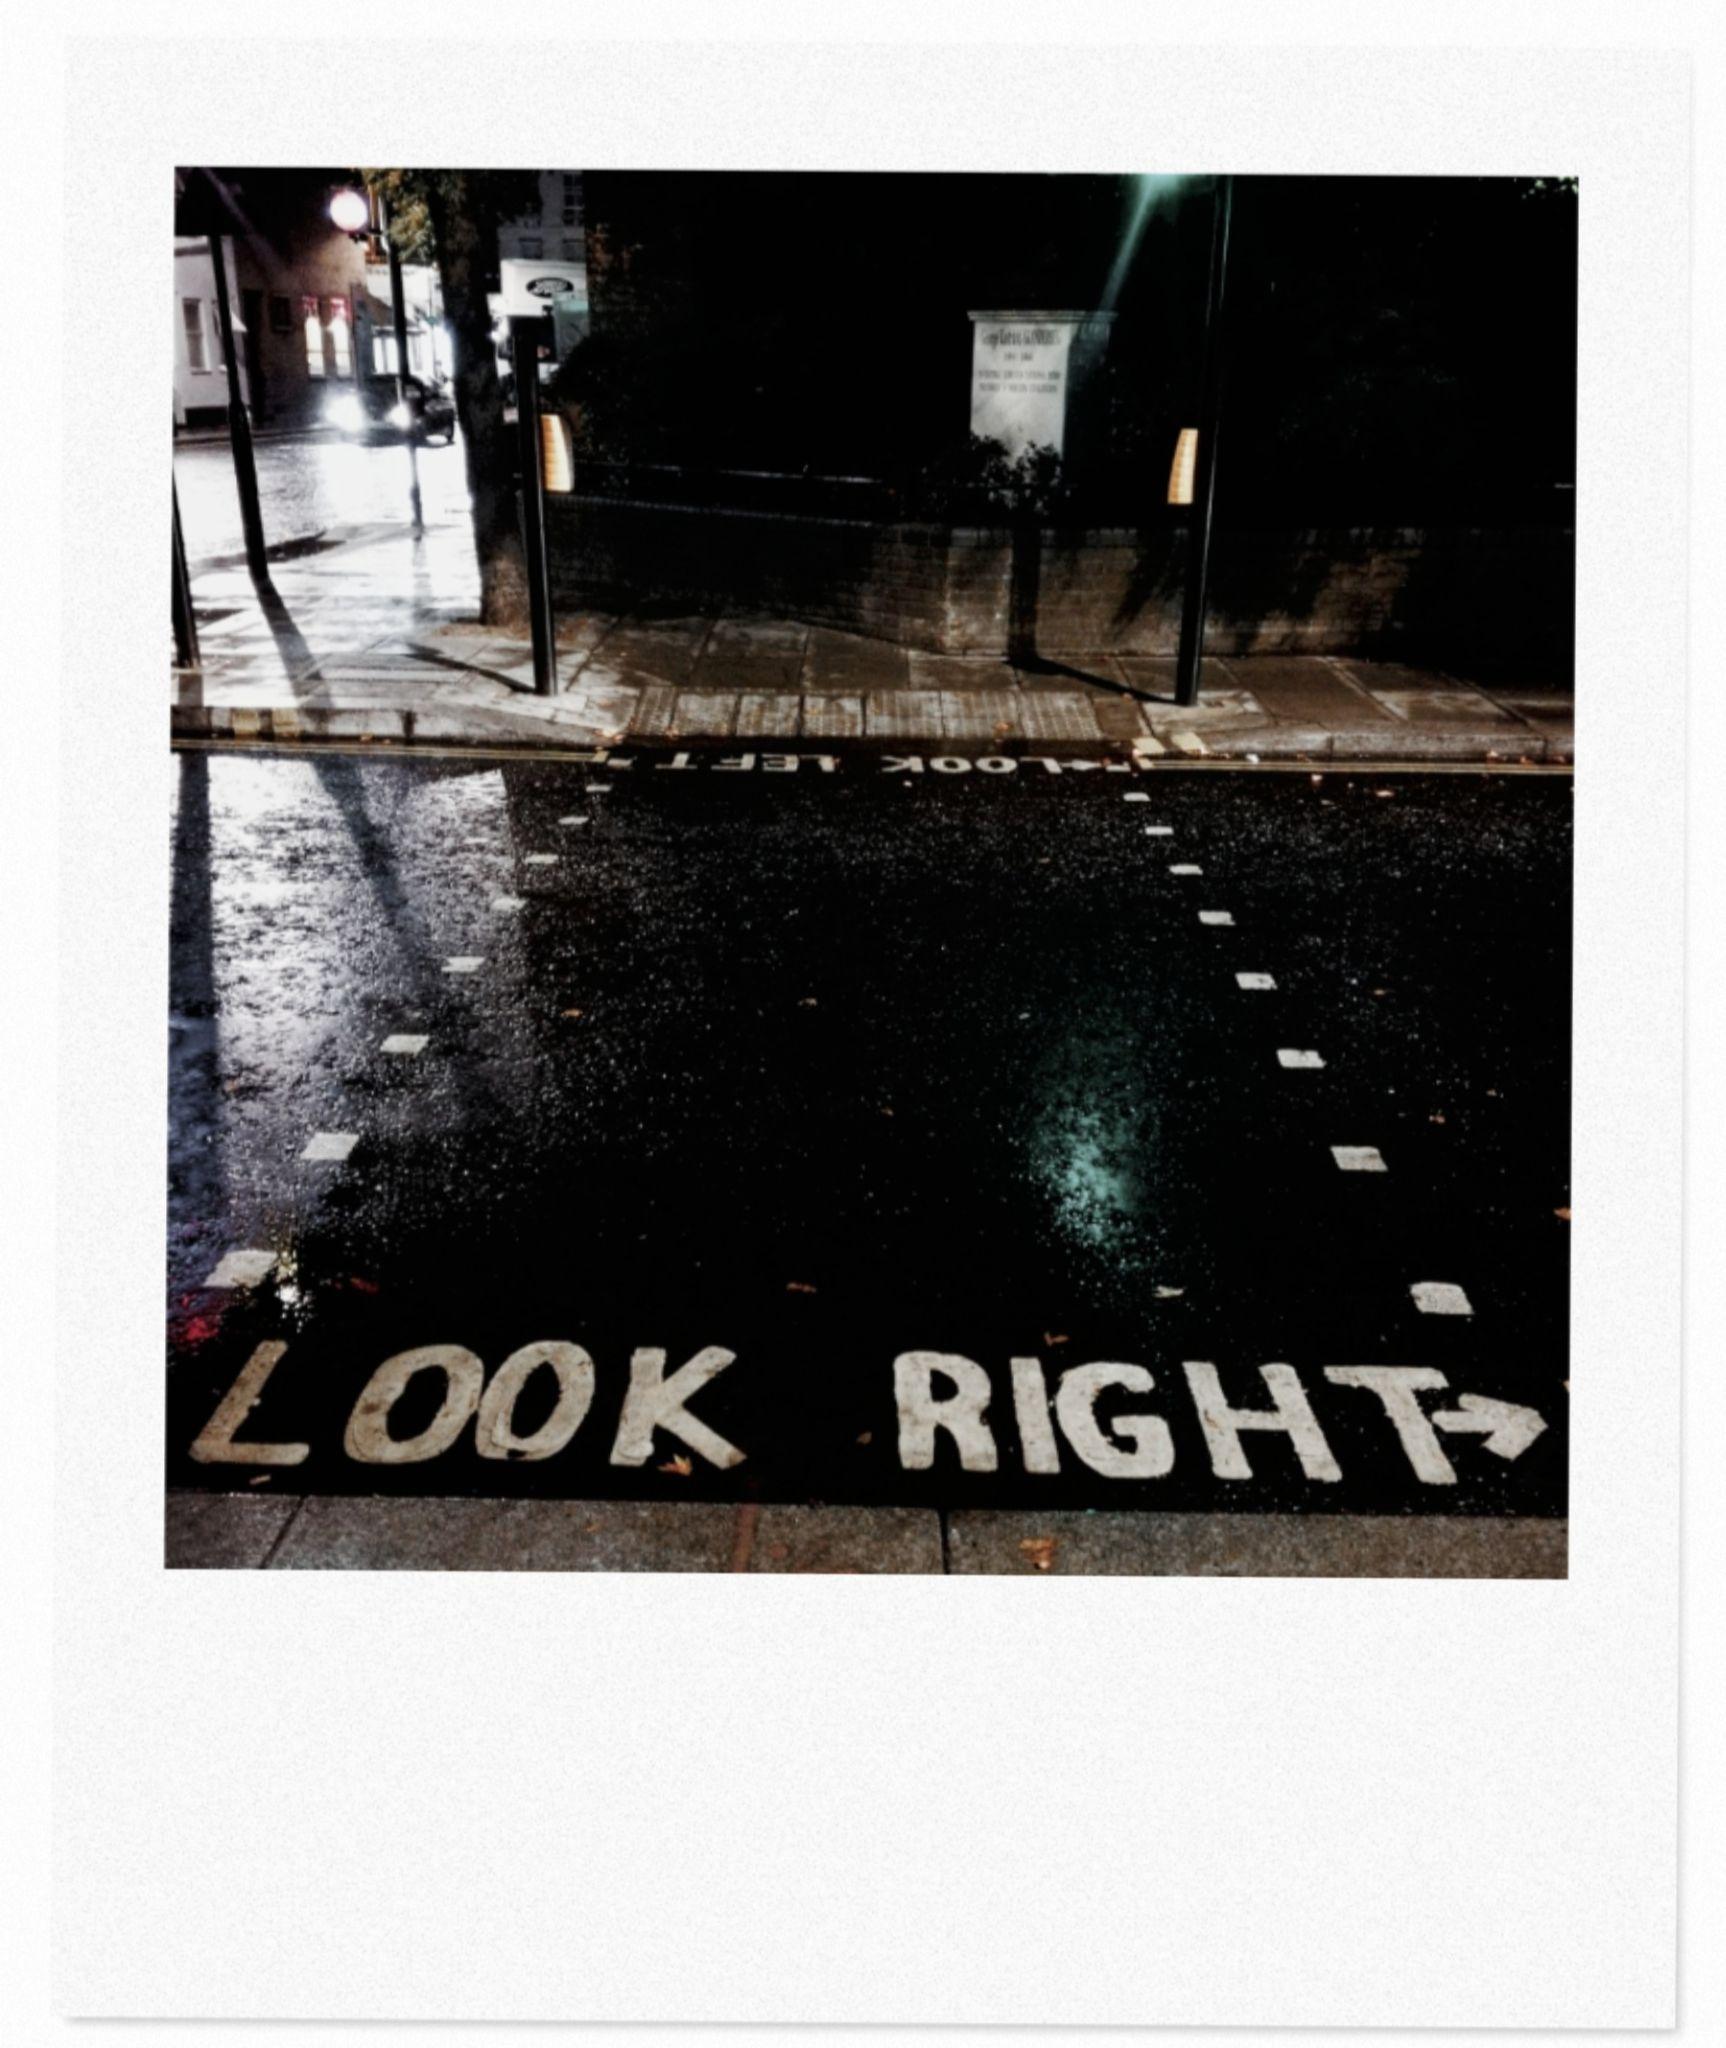 Londra, la città dei distratti, indica dove guardare quando attraversi la strada